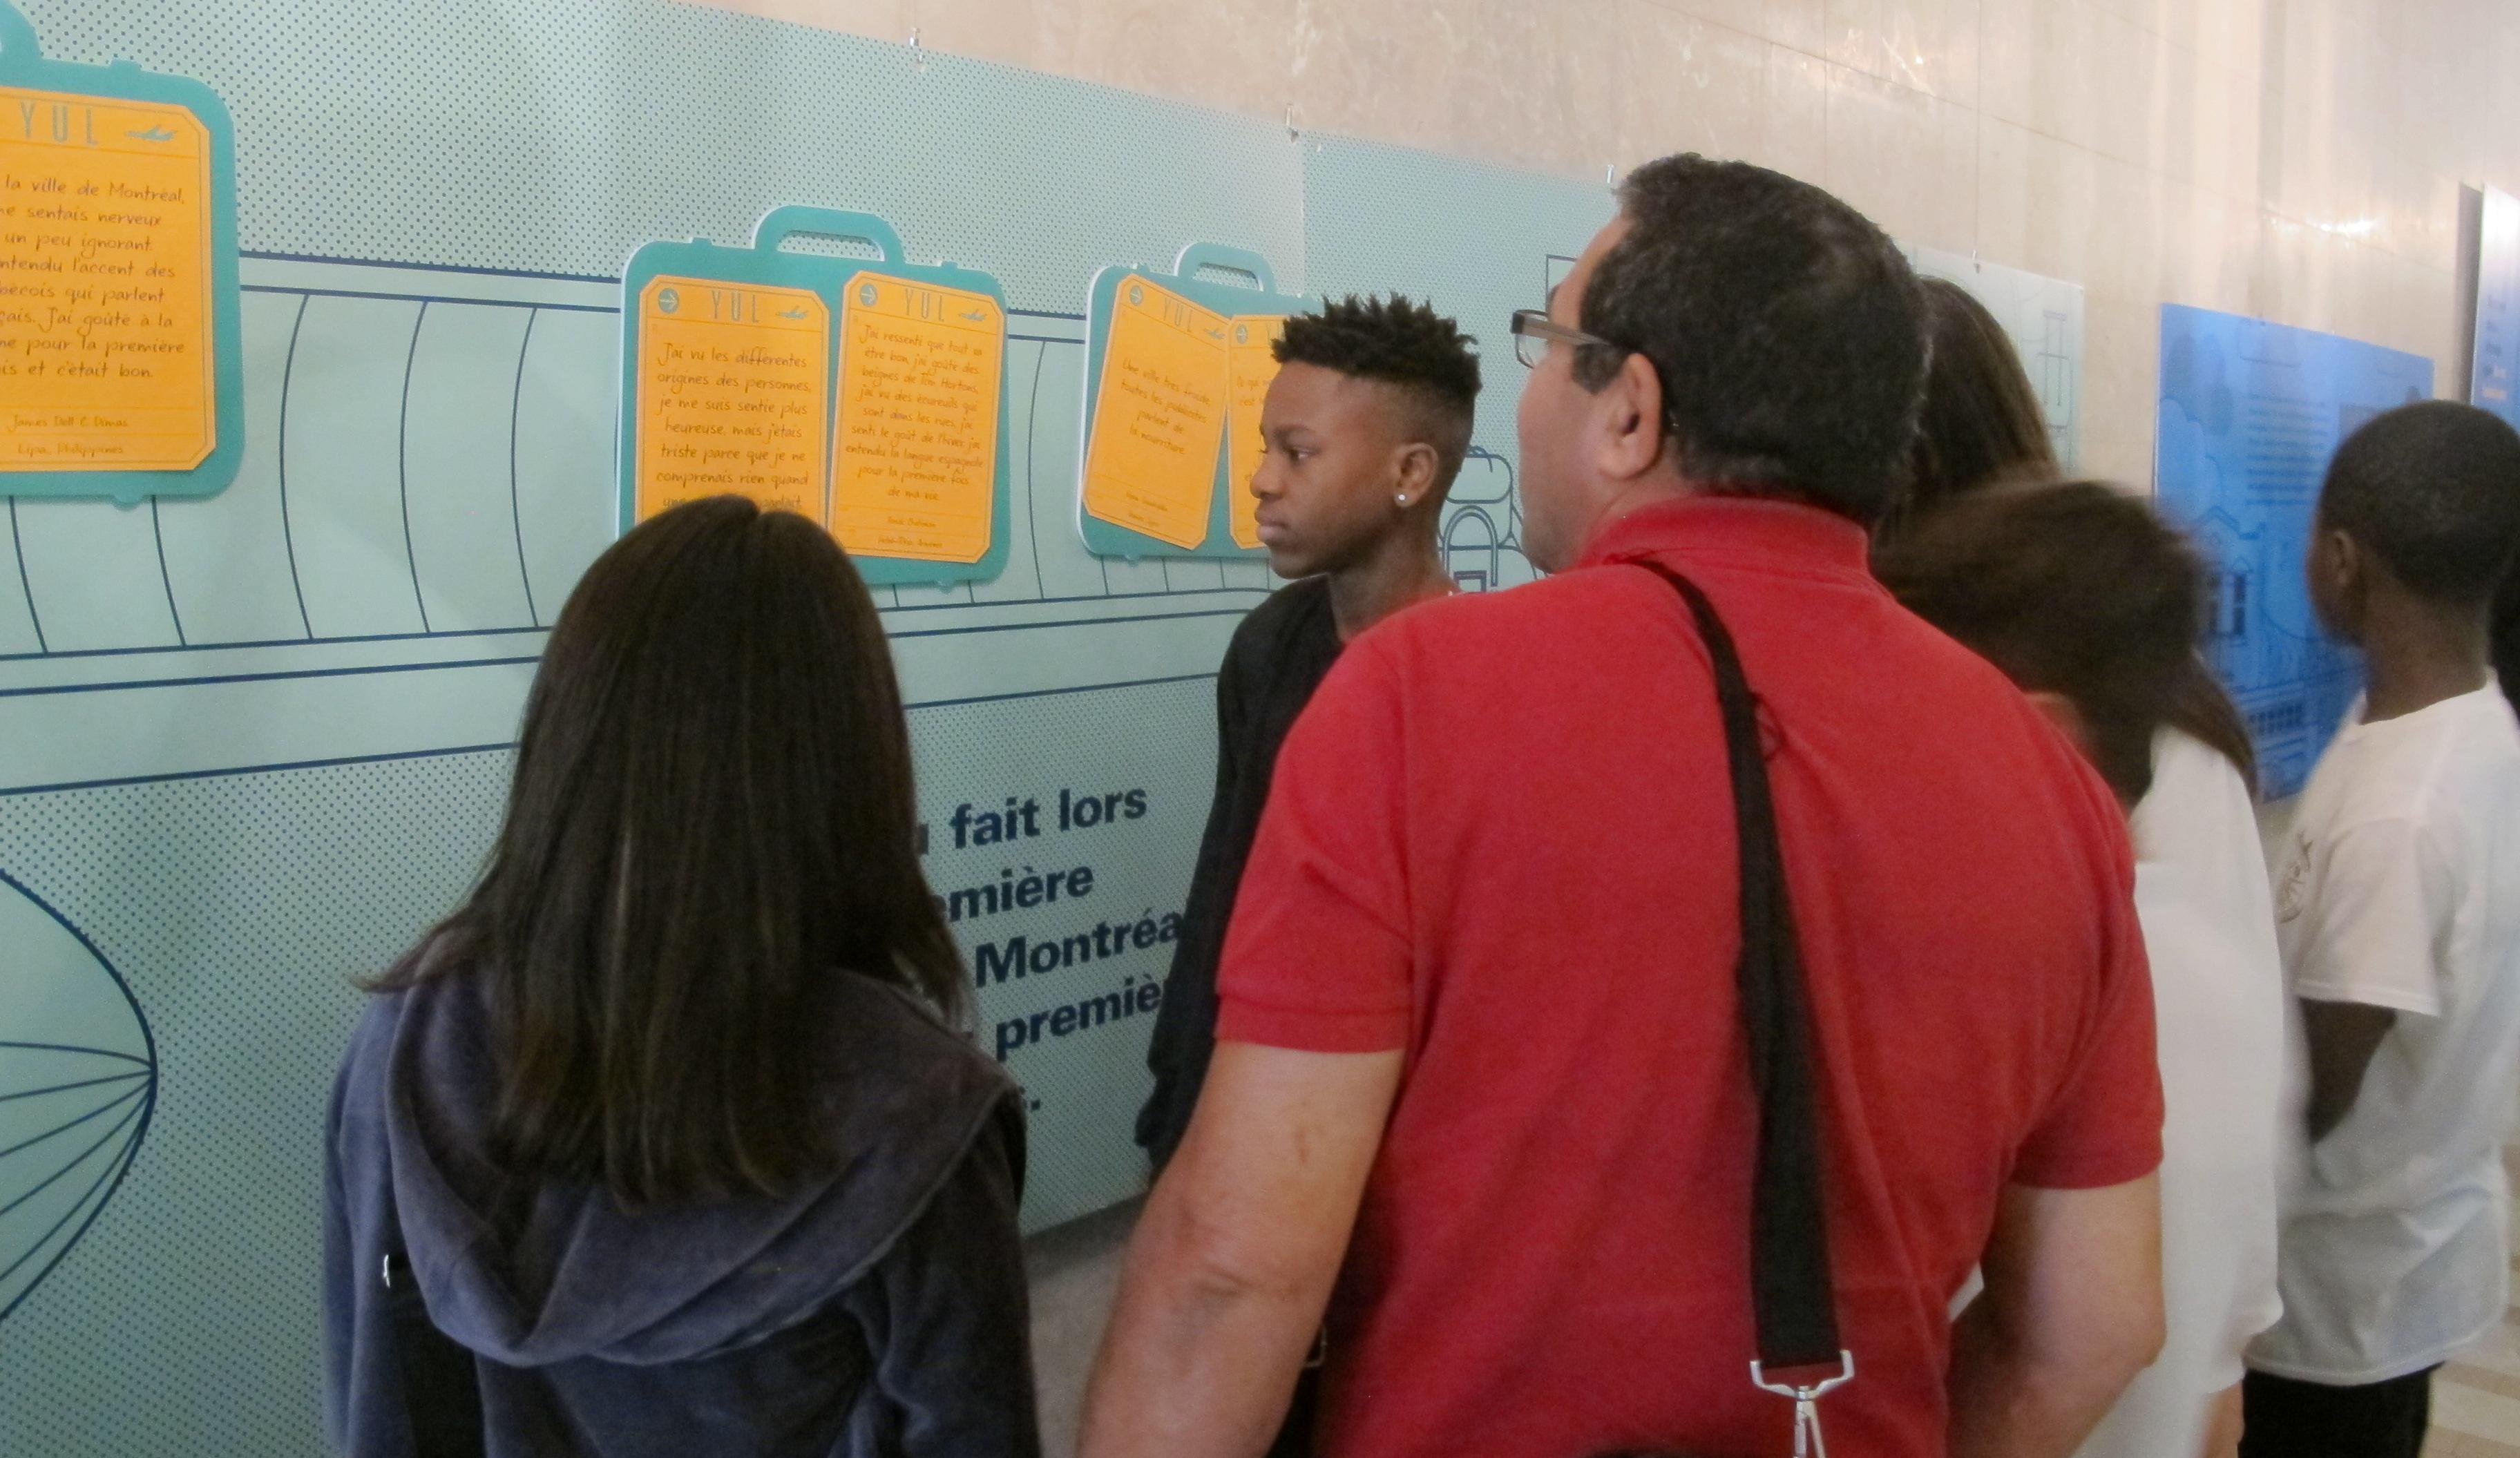 Des élèves et un enseignant devant un panneau de l'exposition